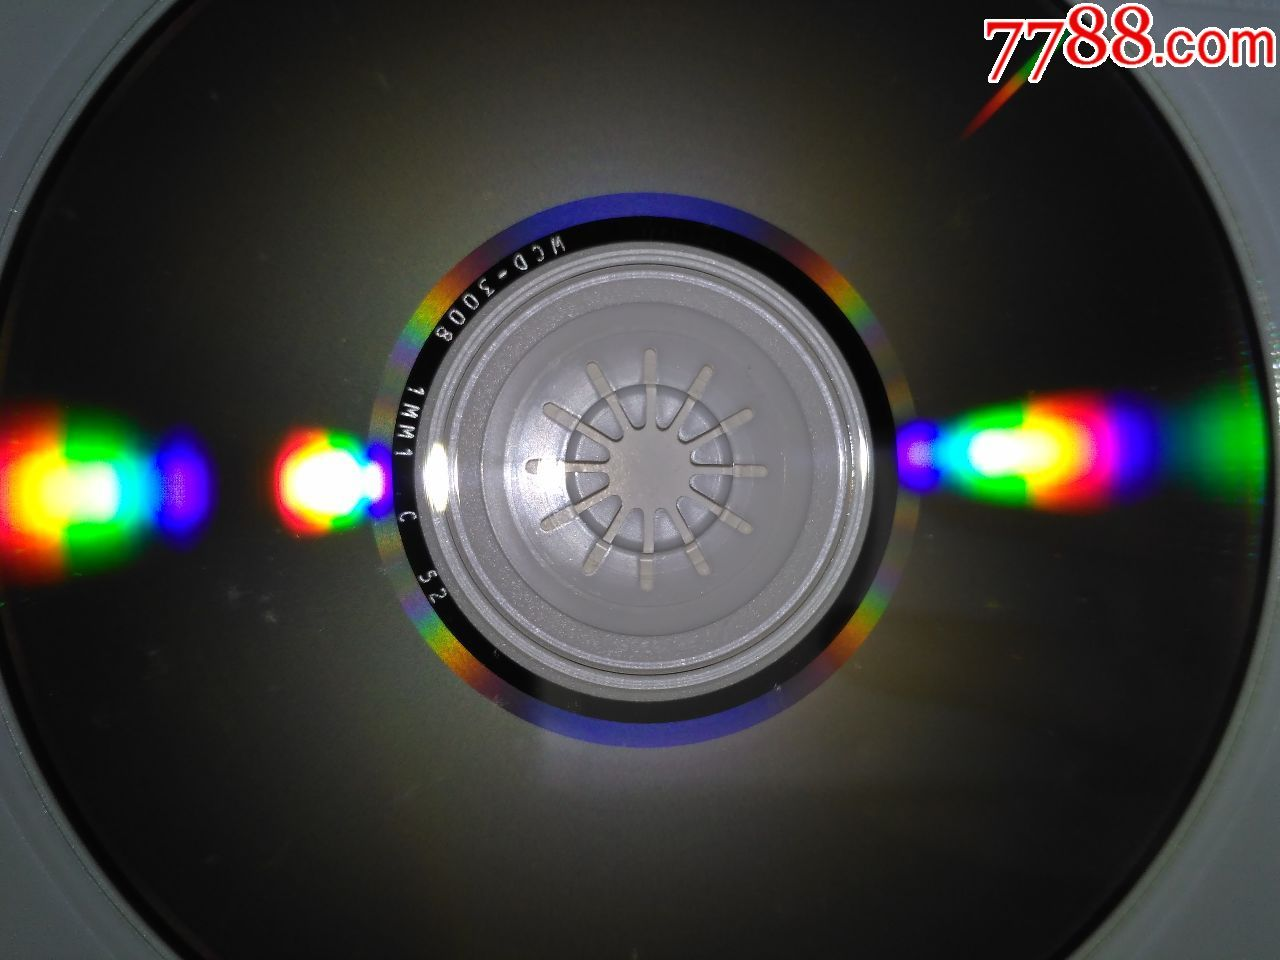 天龙1mm1,永祥唱片,唐宫秋怨,新马师曾,很新